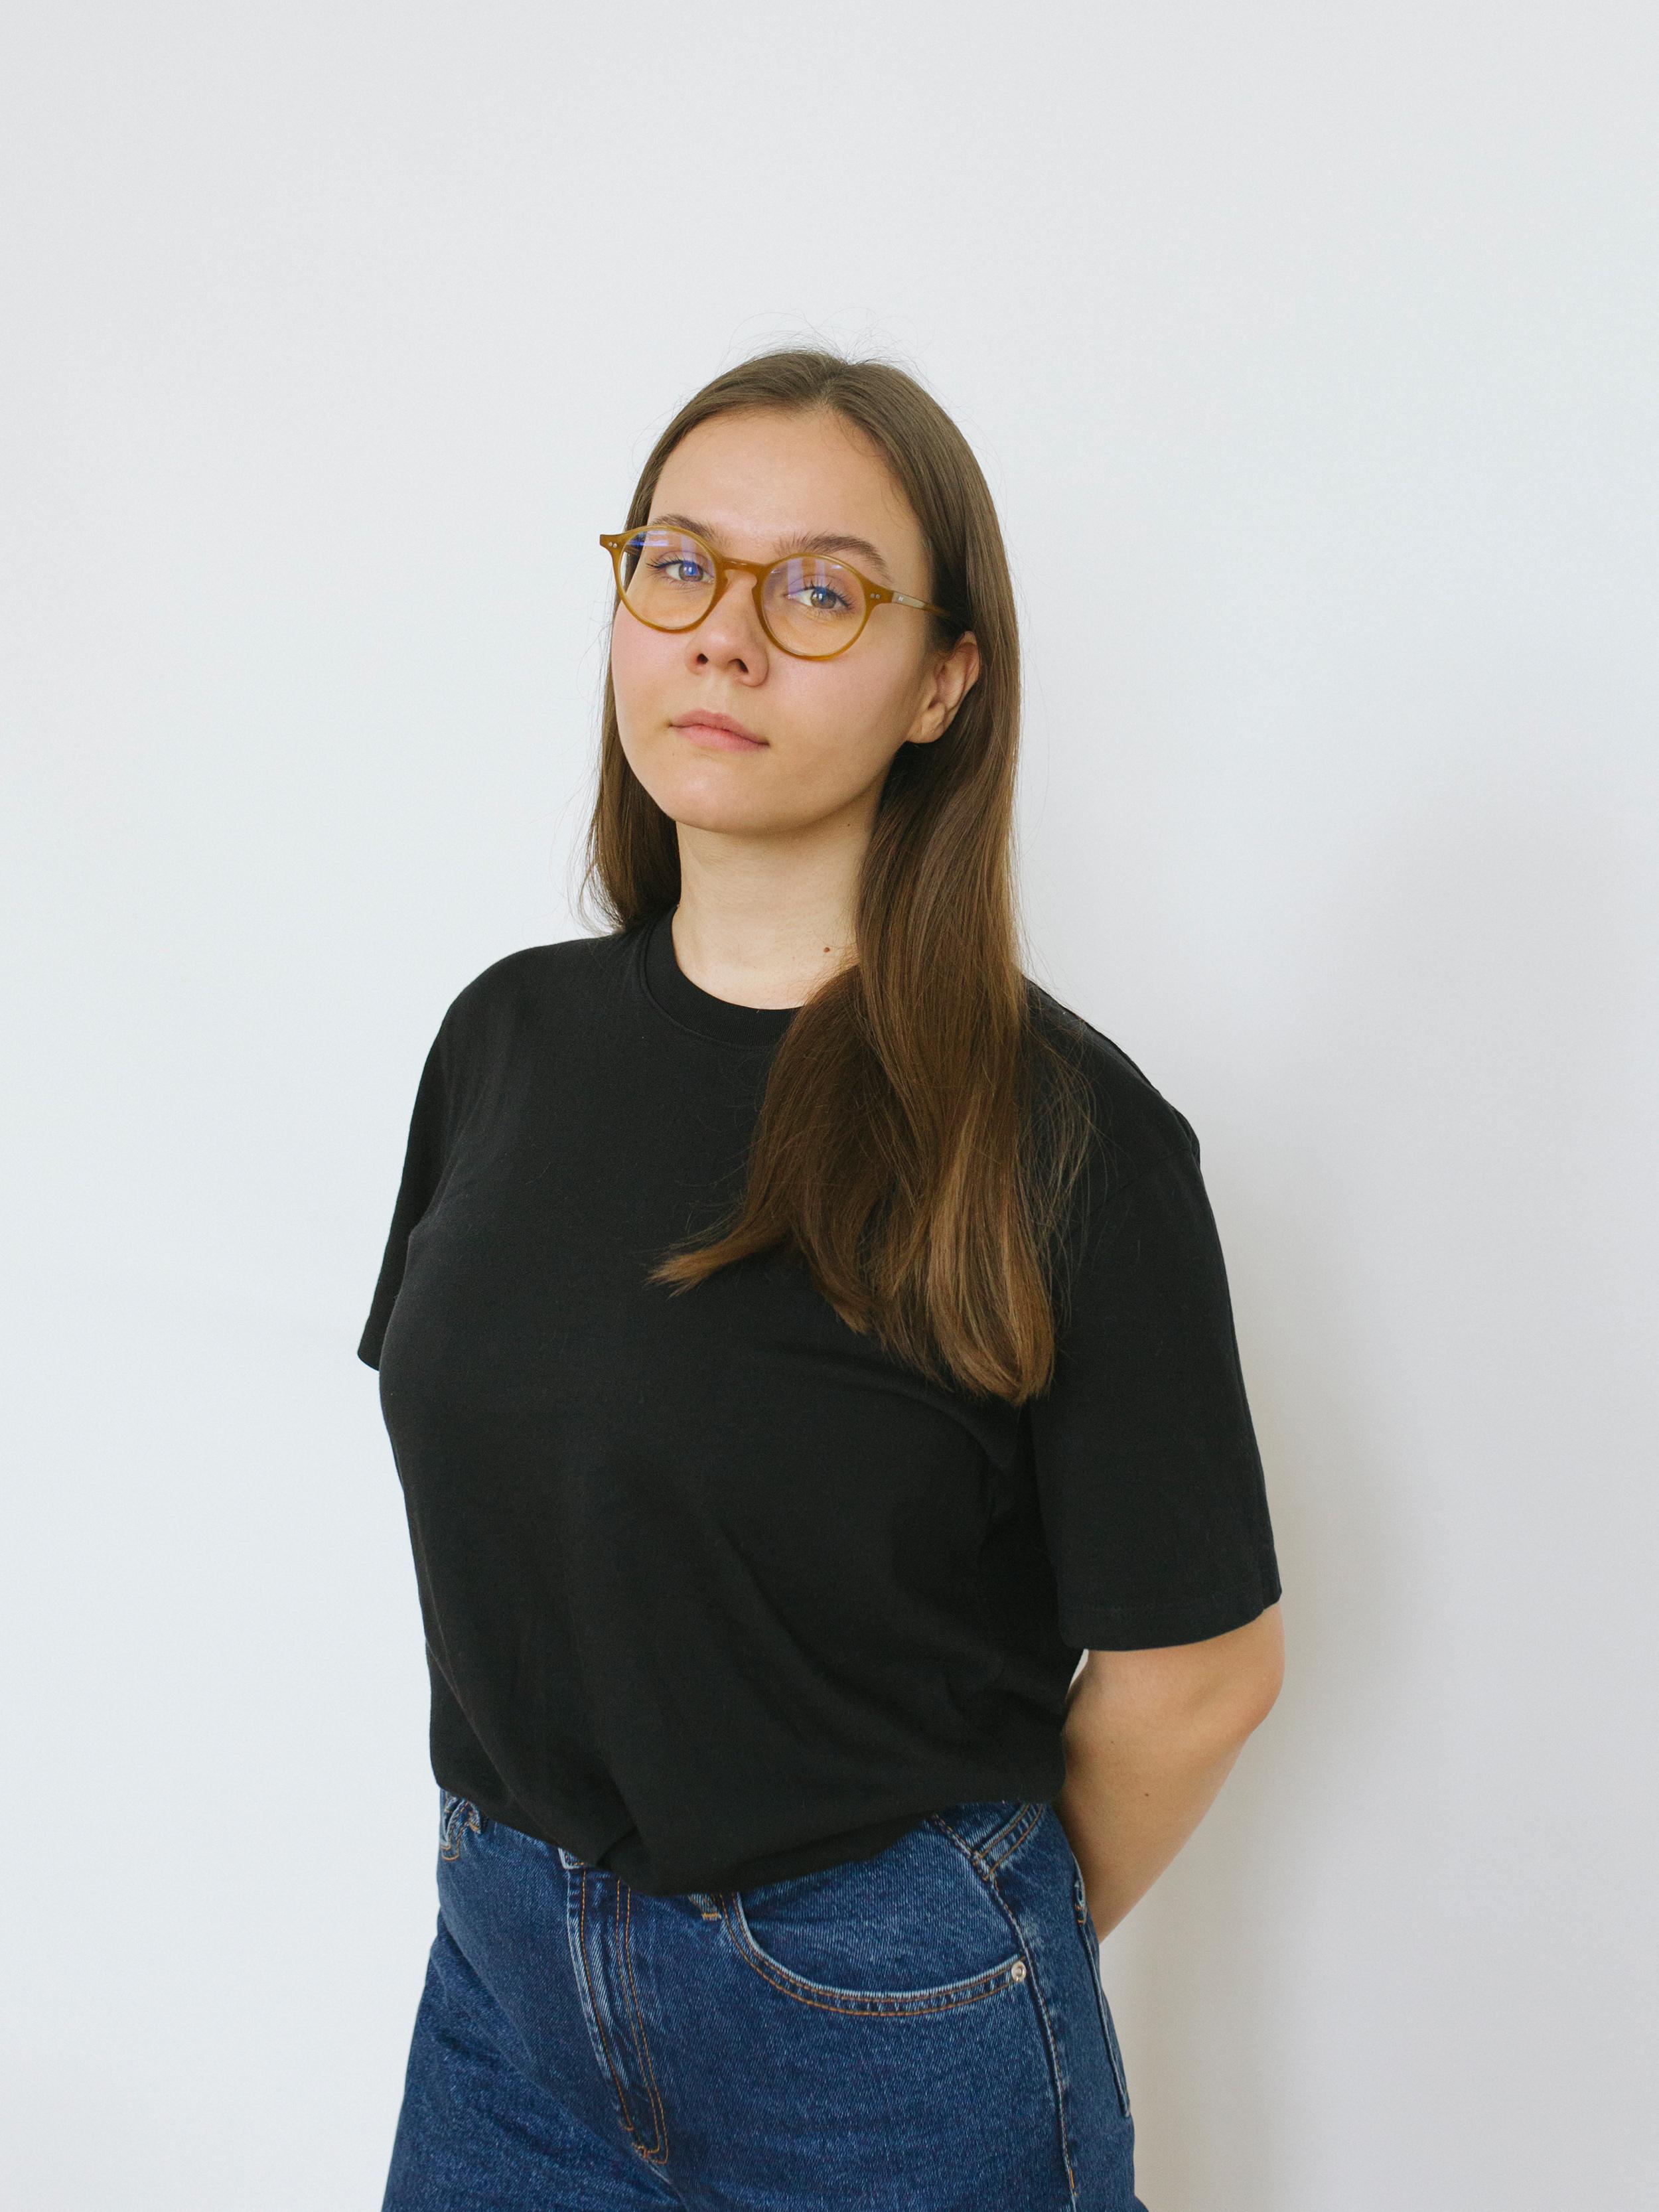 Лера Петрова   дизайнер